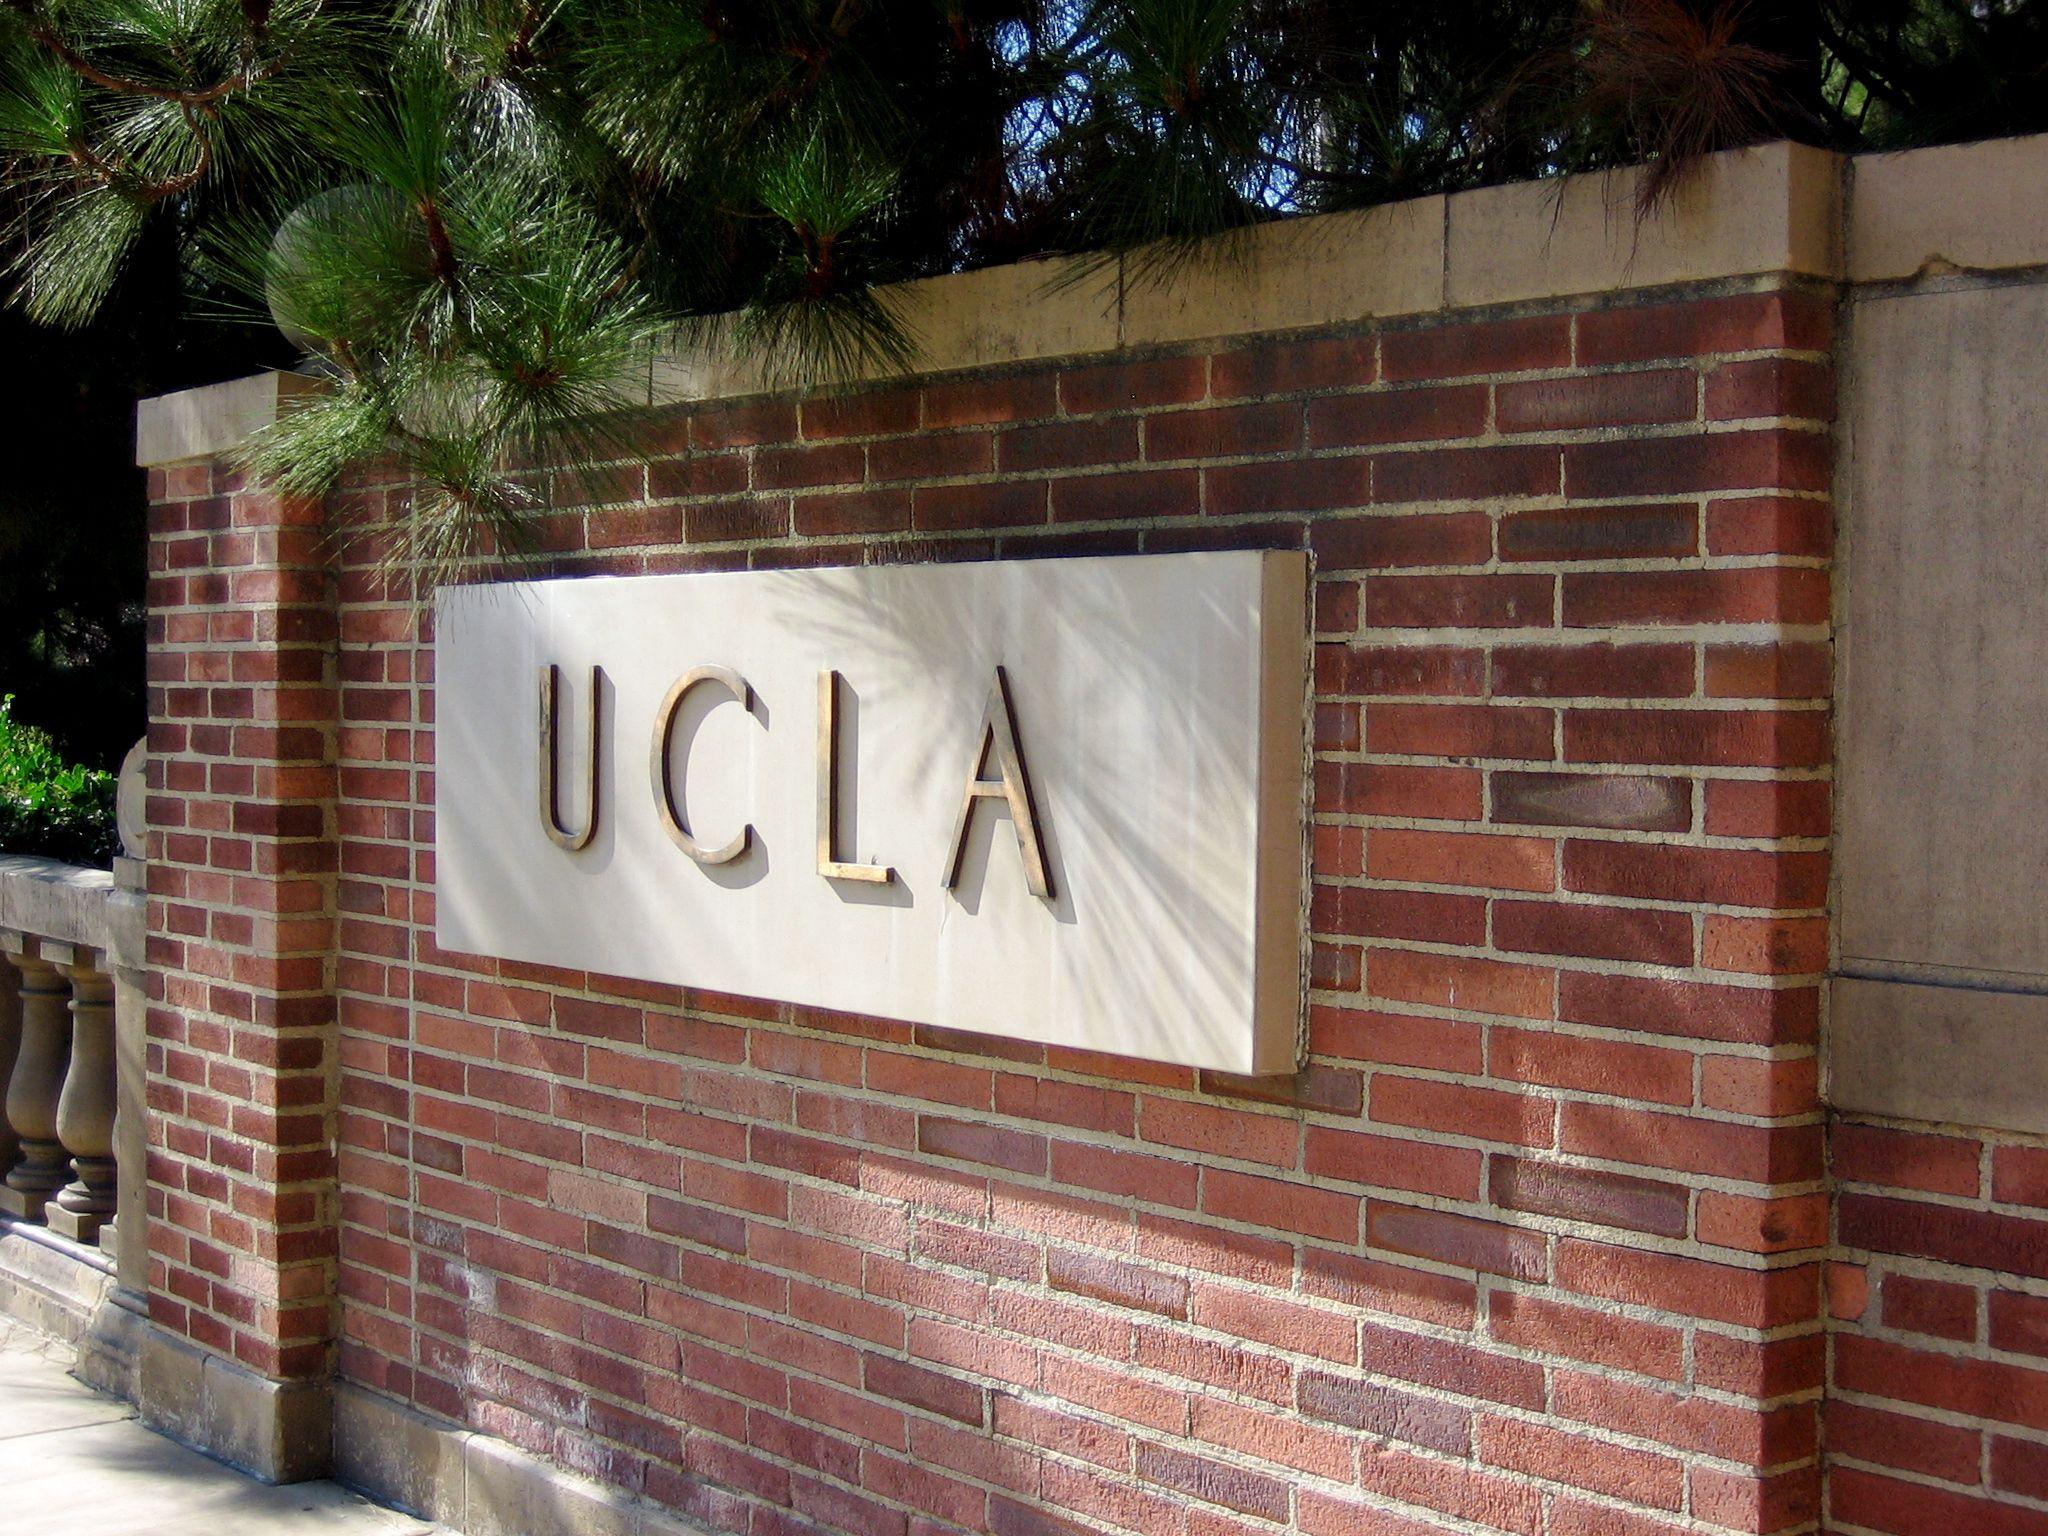 10_09_UCLA_01